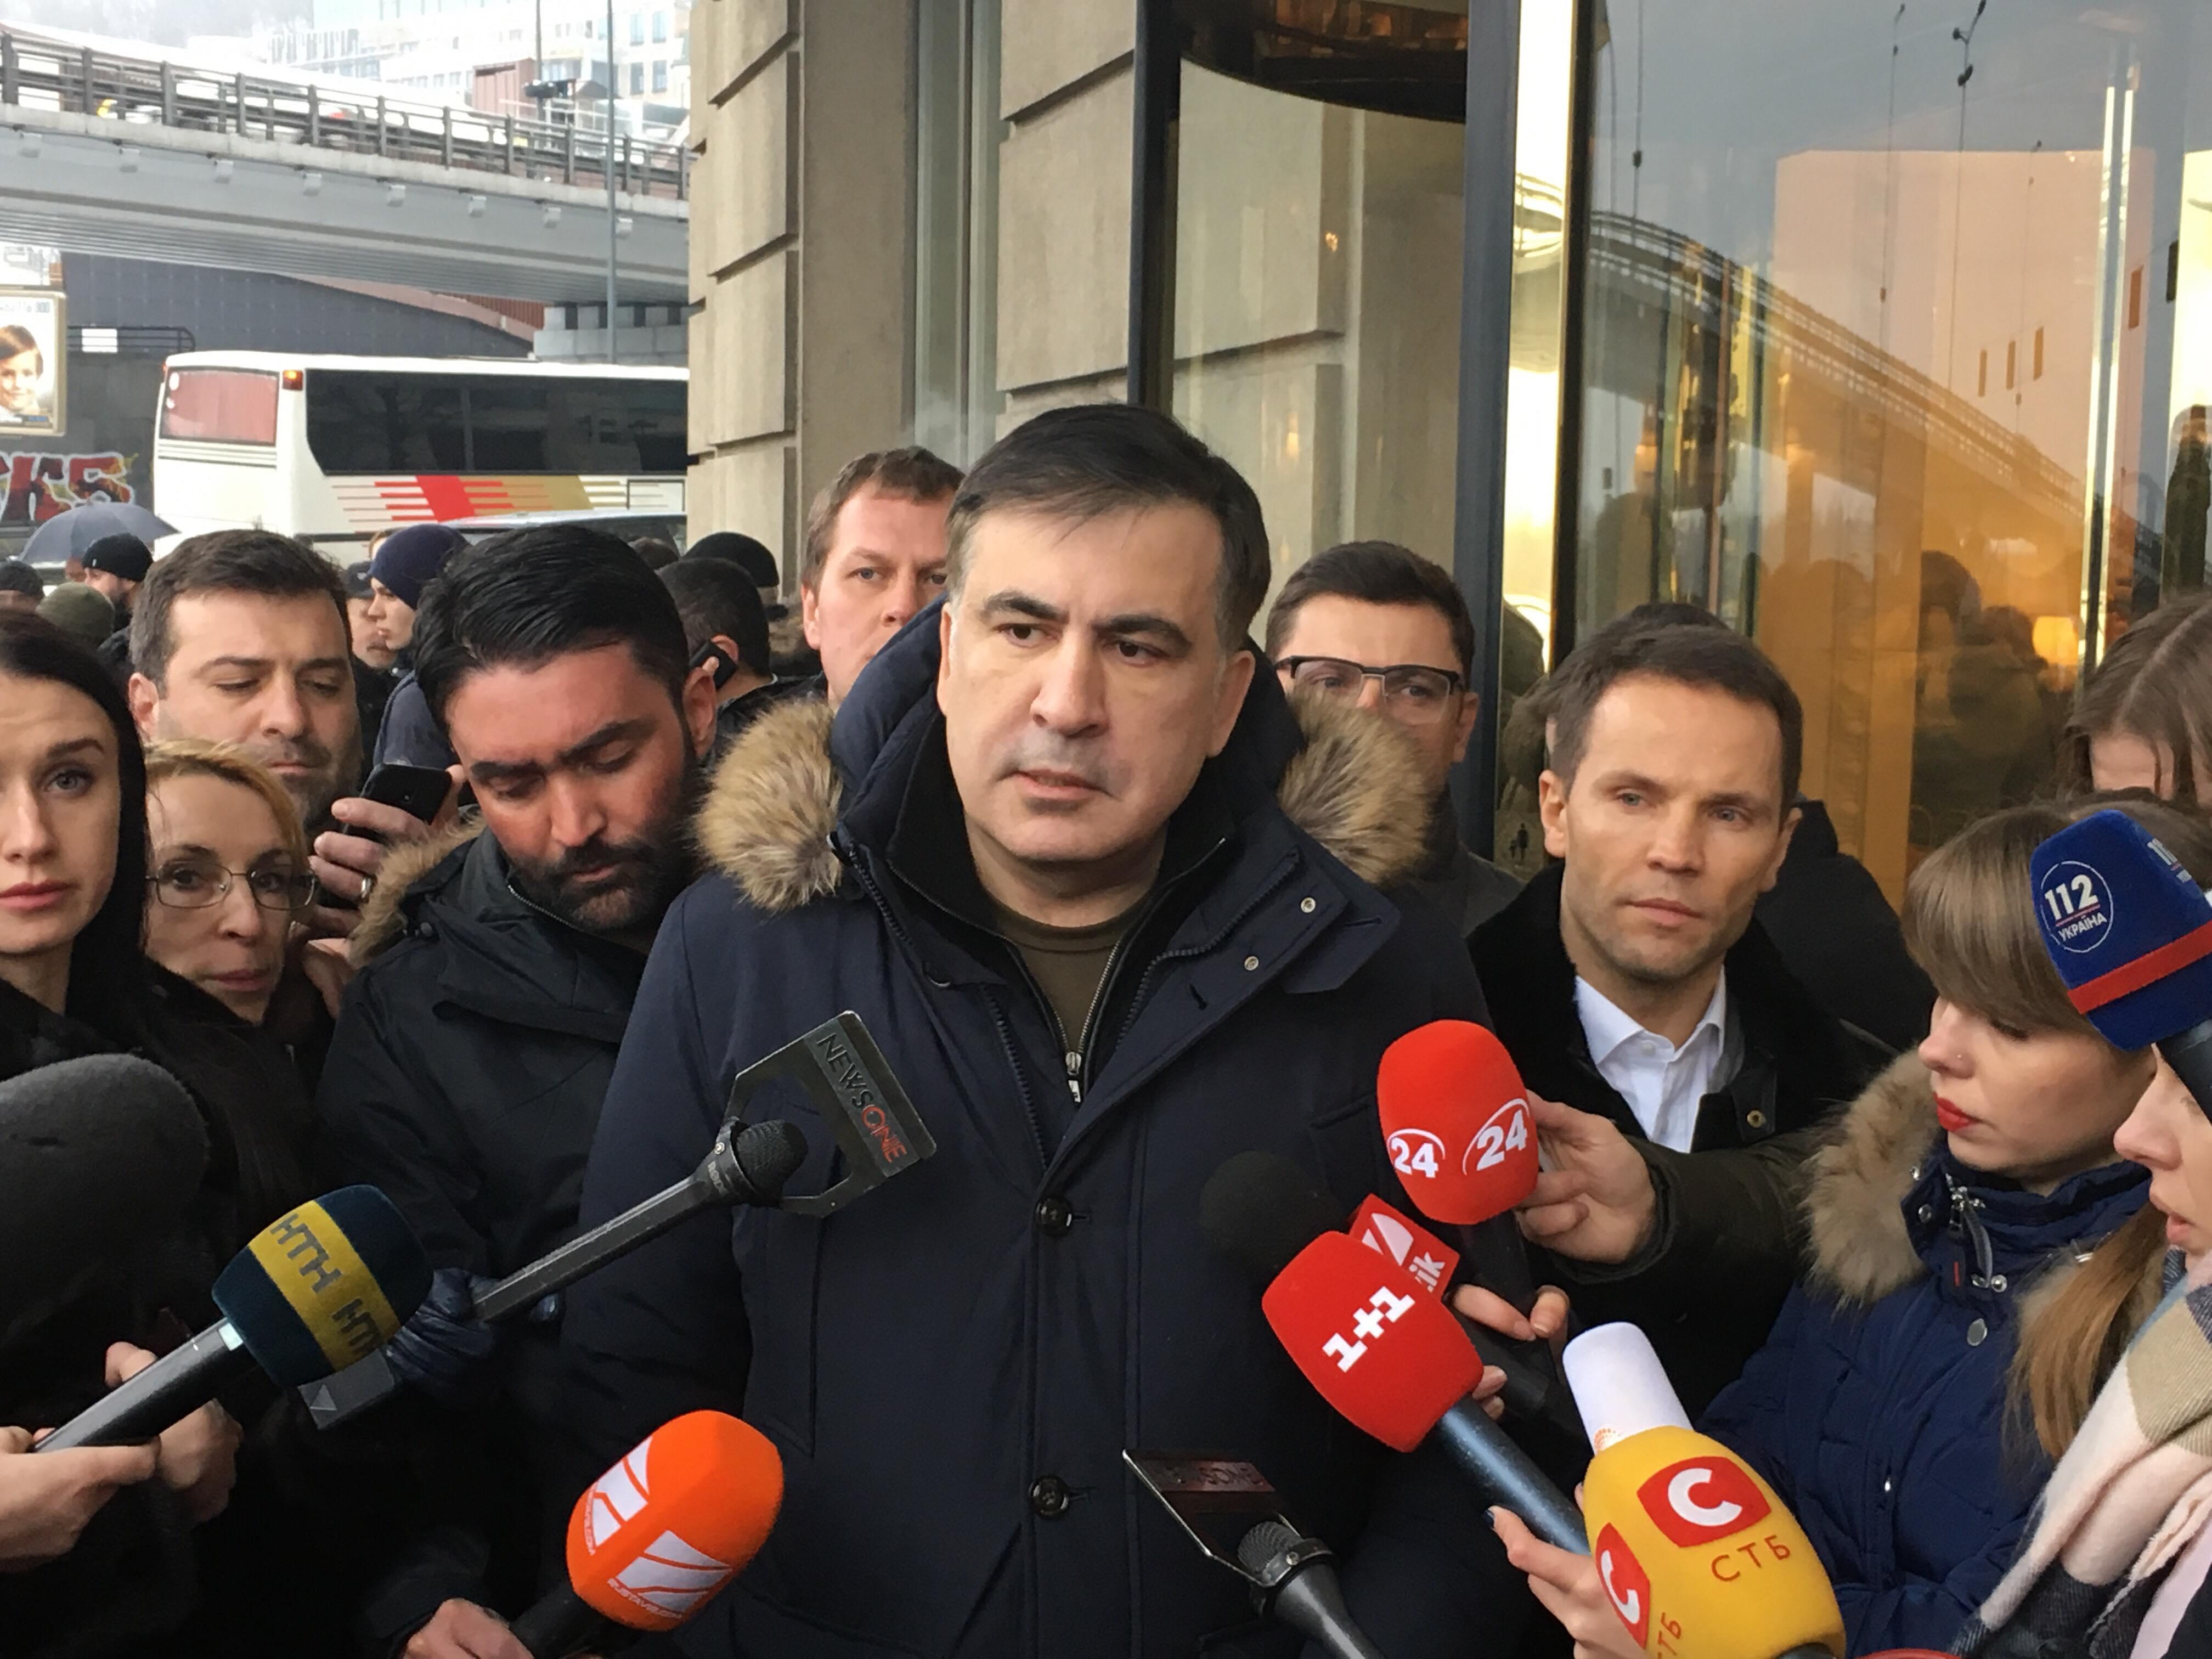 Через пару минут свое неудачное задержание прокомментировал сам Михаил Саакашвили